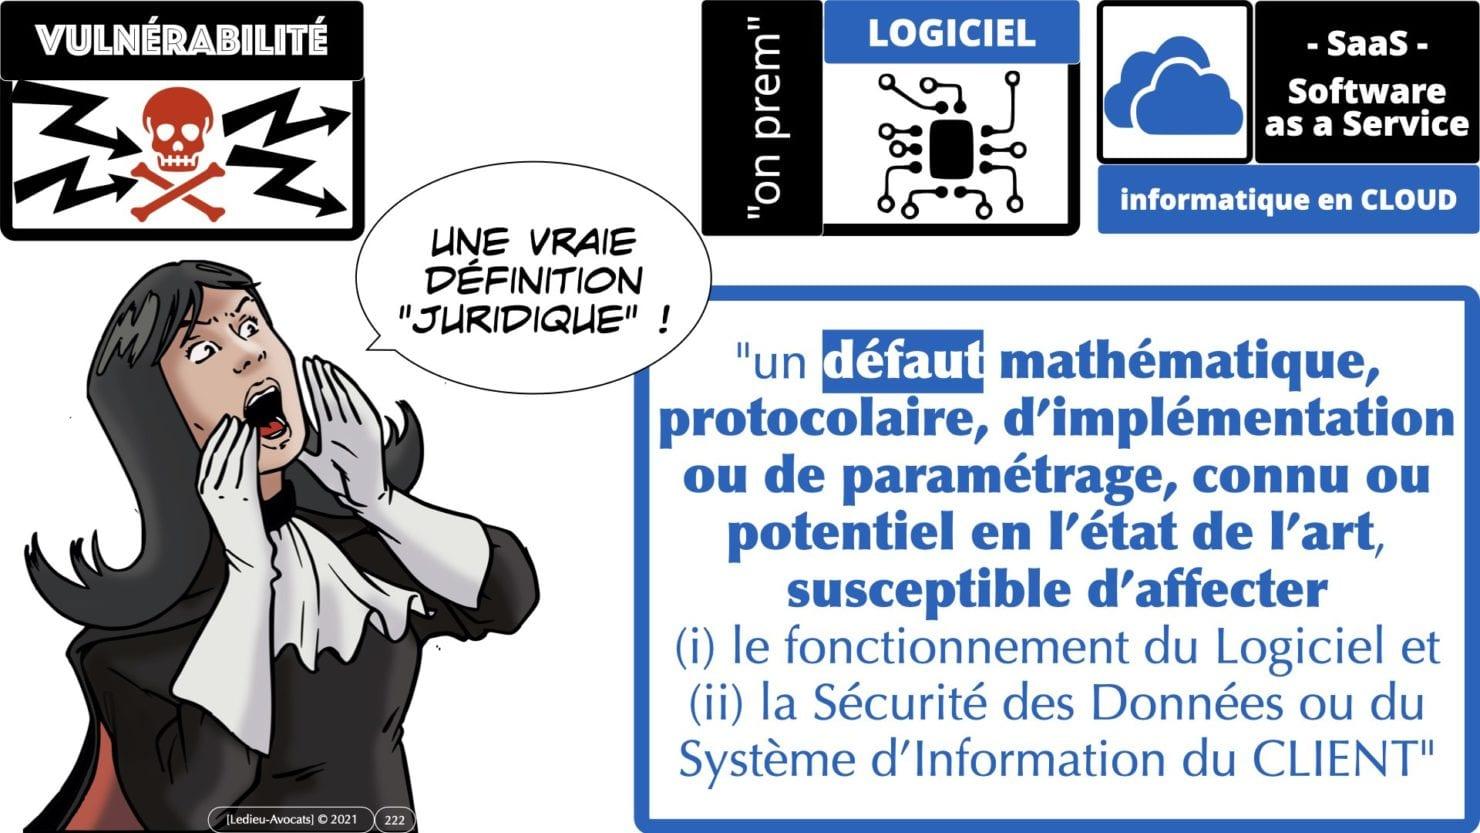 333 CYBER ATTAQUE responsabilité pénale civile contrat © Ledieu-Avocats 23-05-2021.222